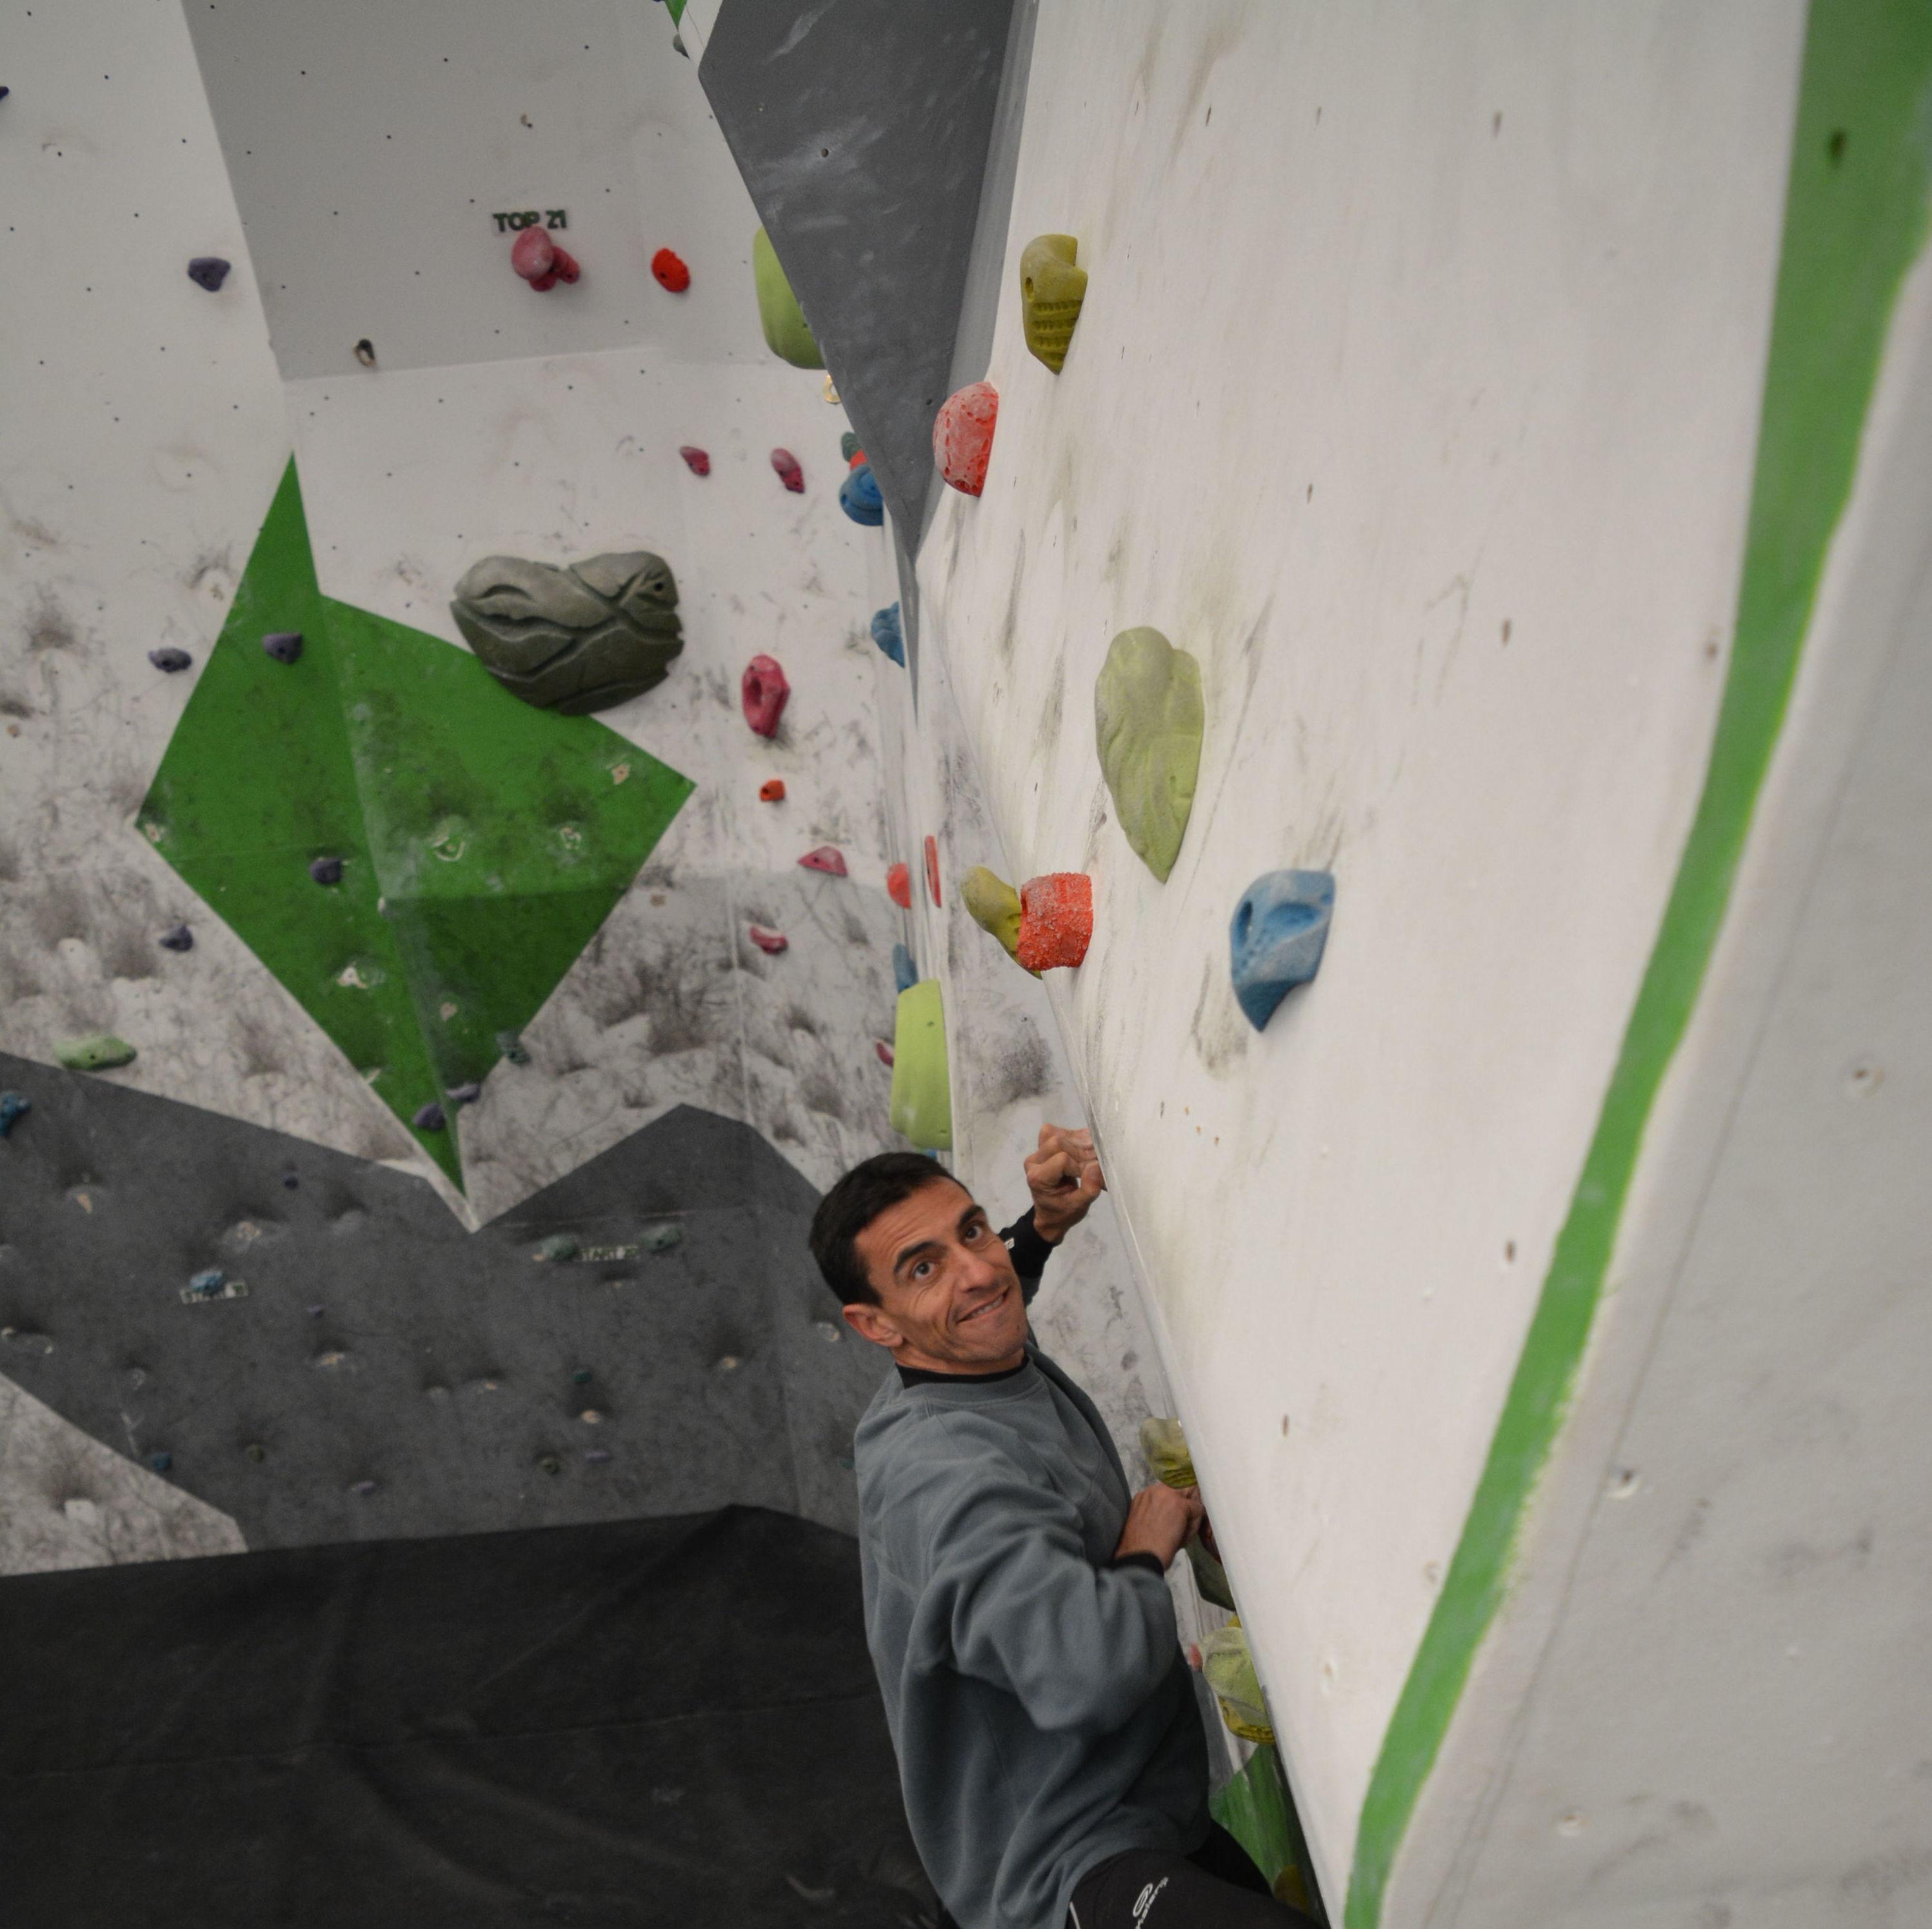 Aprende a escalar en Up Escuela de Escalada, Getafe